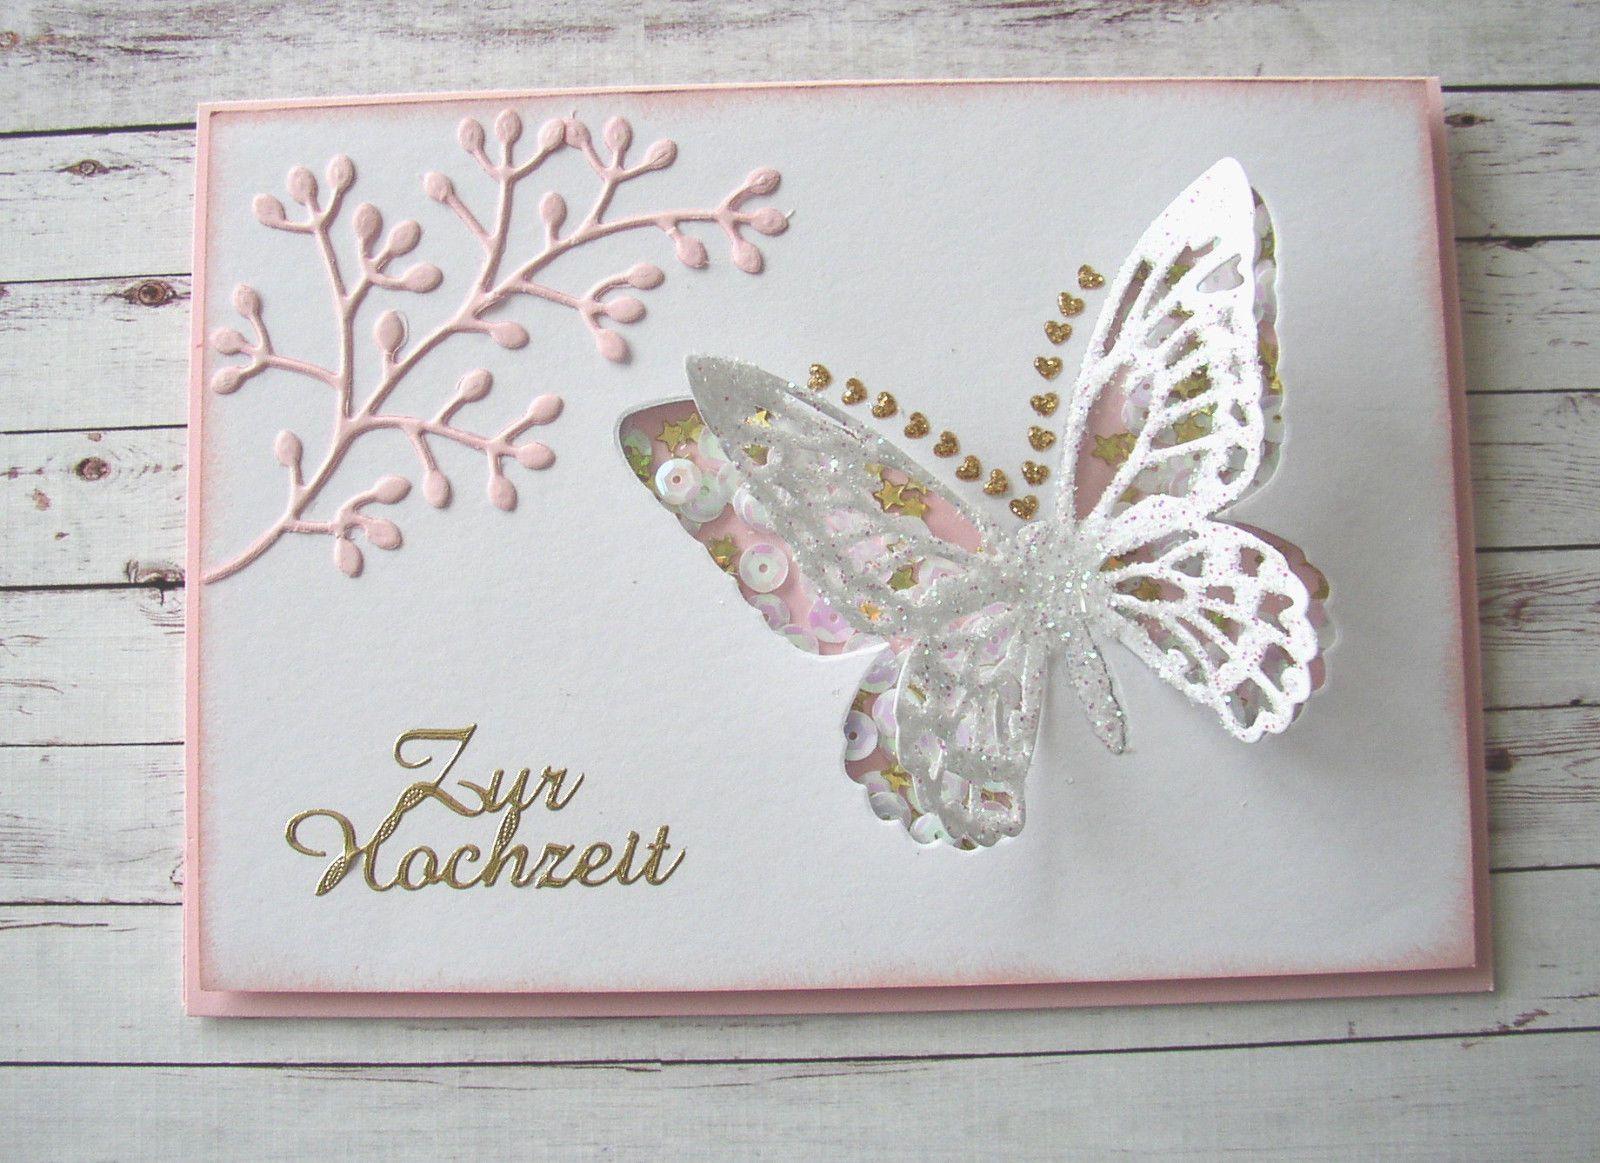 3d Schuttelkarte Hochzeitskarte Gluckwunschkarte Hochzeit Gluckwunschkarte Hochzeit Karte Hochzeit Hochzeitskarten